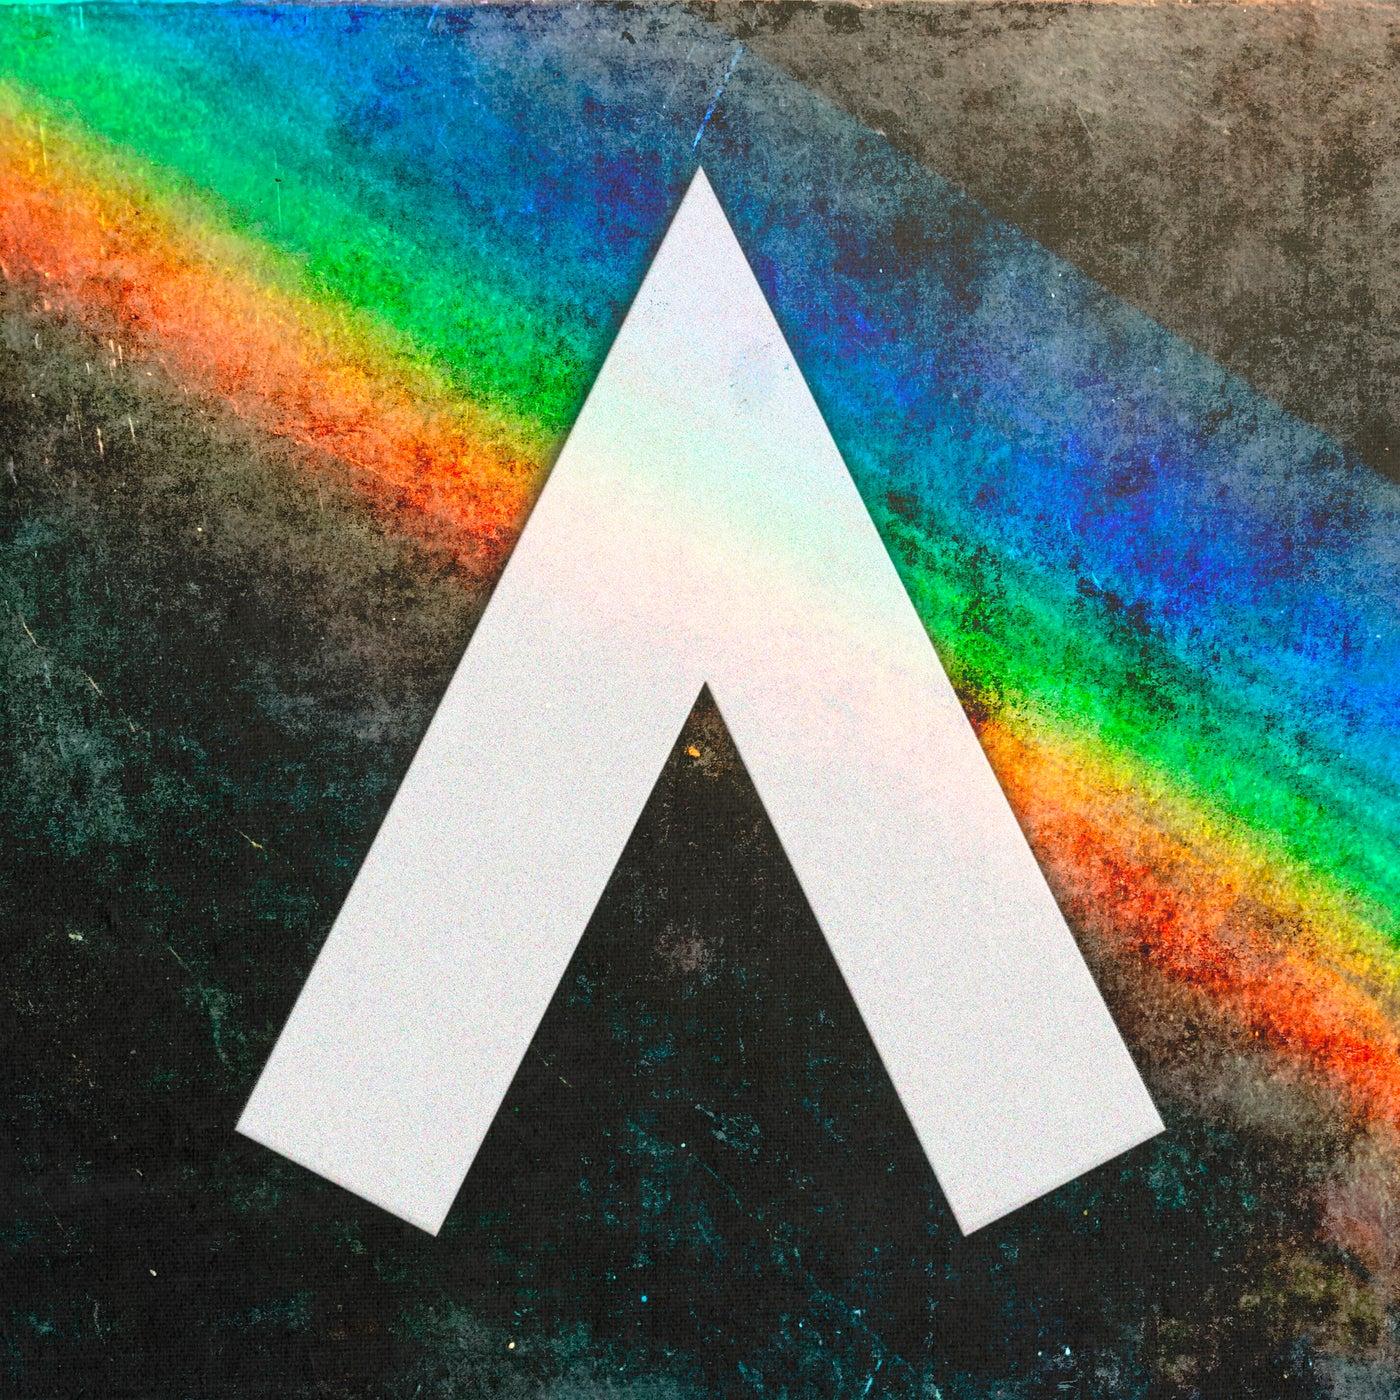 Analog Garden (AFFKT Remix)